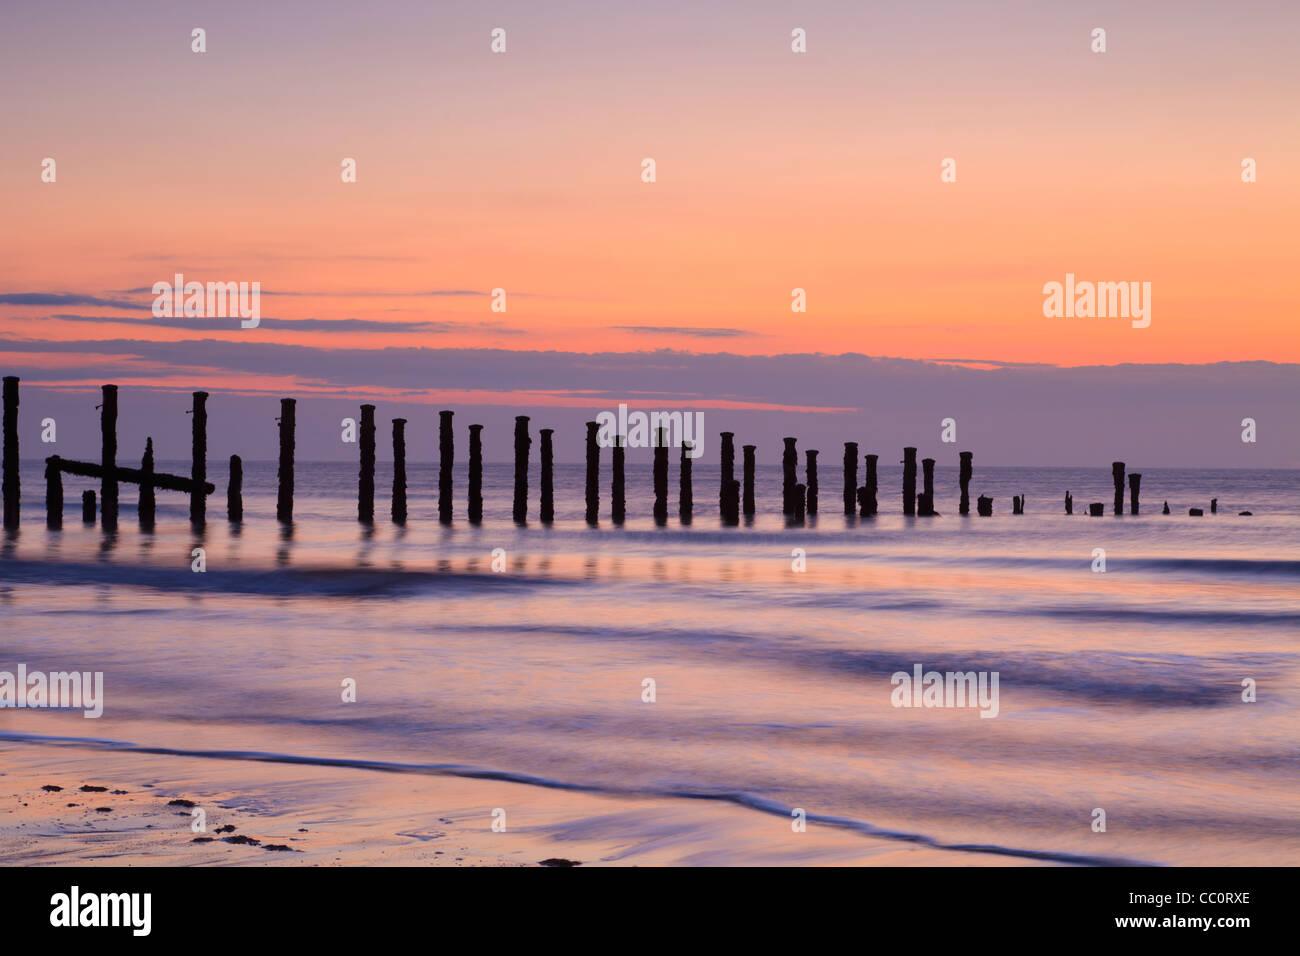 Viejas defensas contra el mar al amanecer, el agua suave de la larga exposición. Imagen De Stock